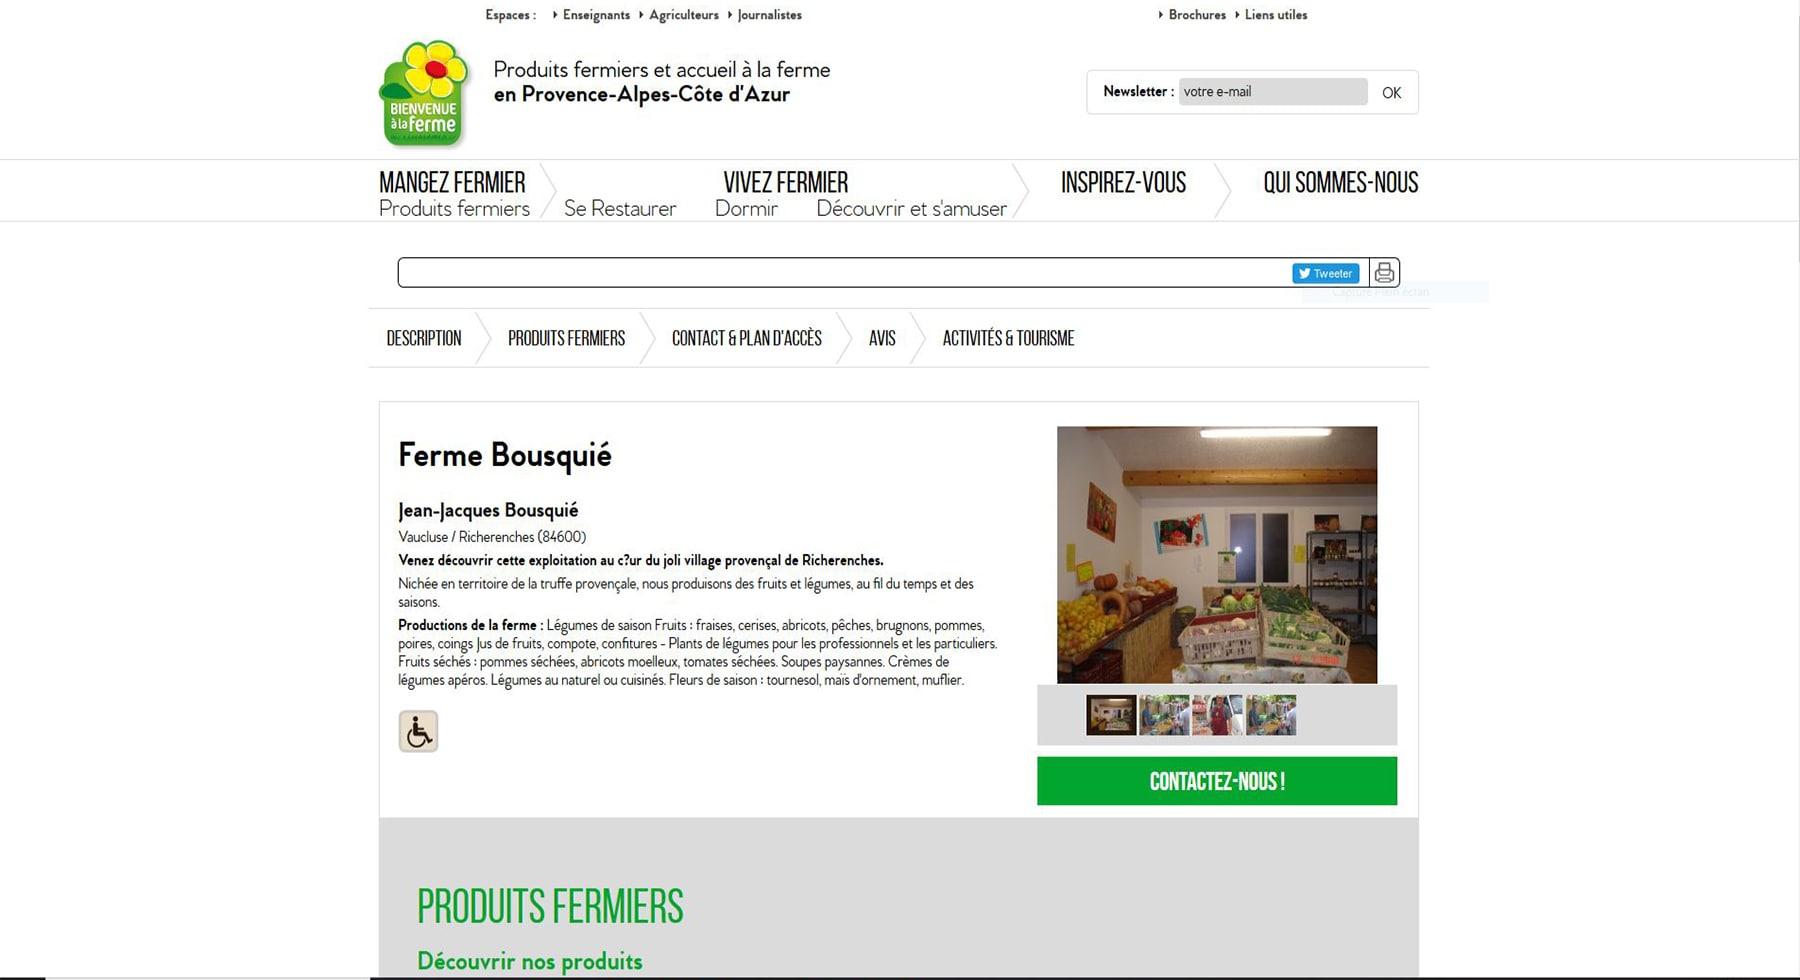 La ferme Bousquié